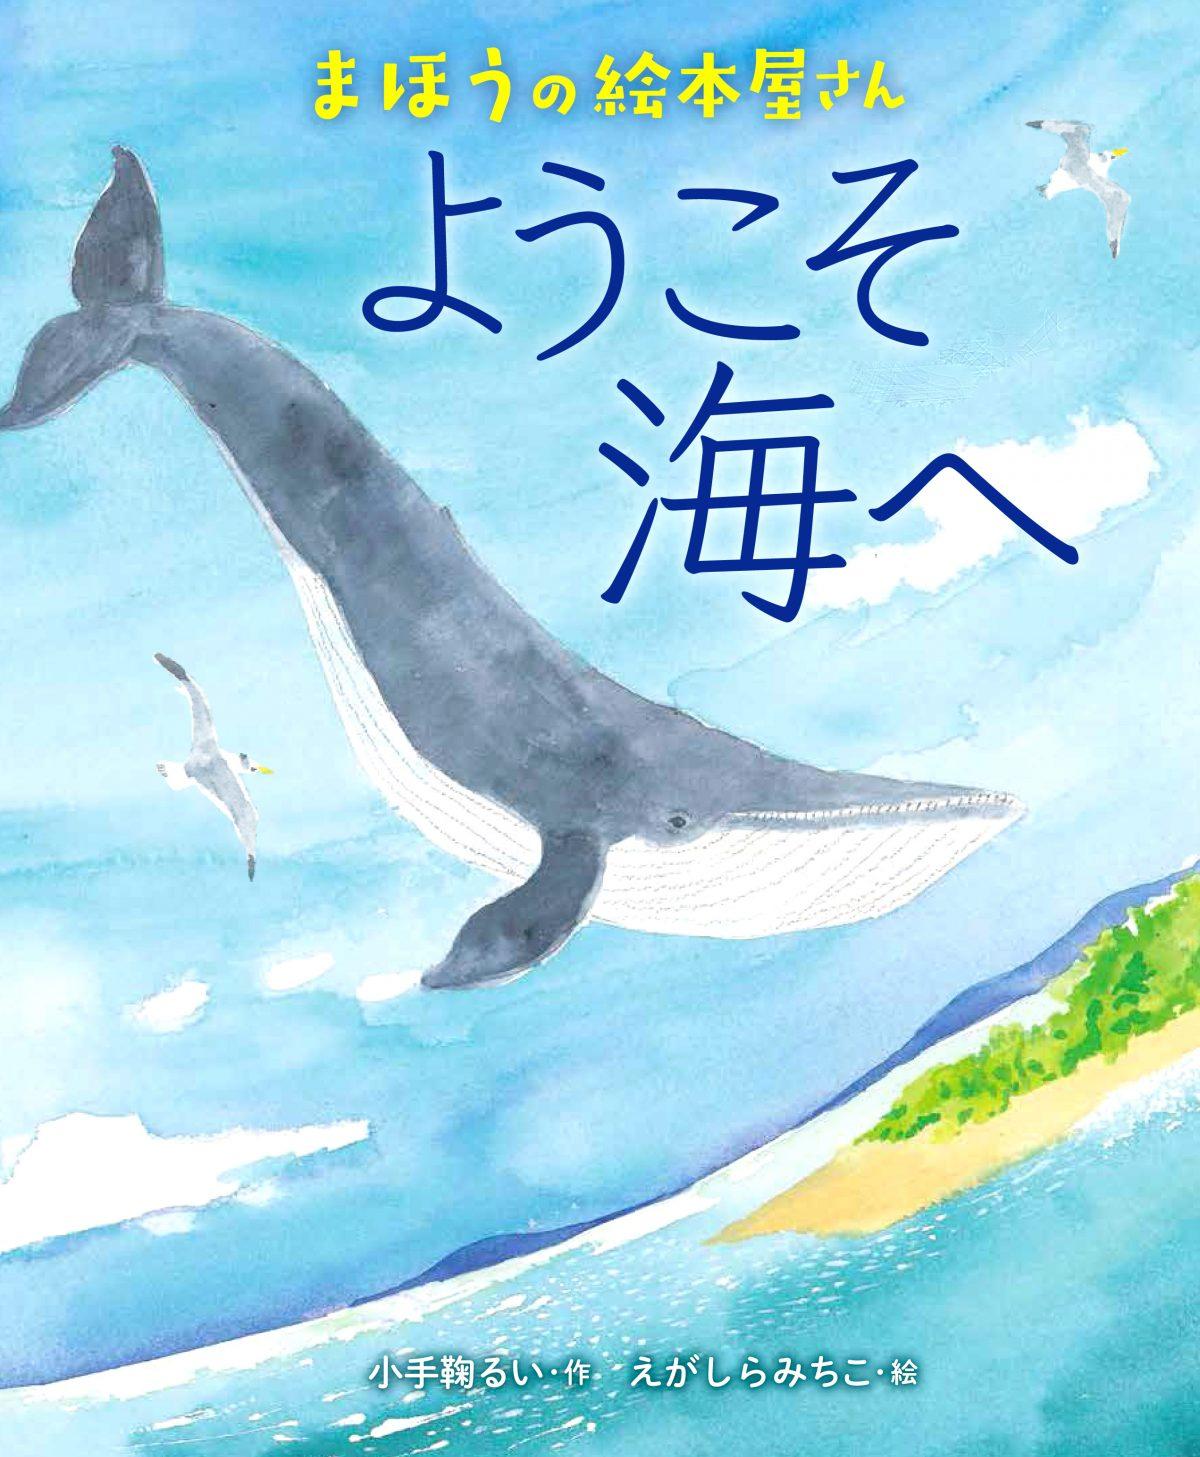 絵本「まほうの絵本屋さん ようこそ海へ」の表紙